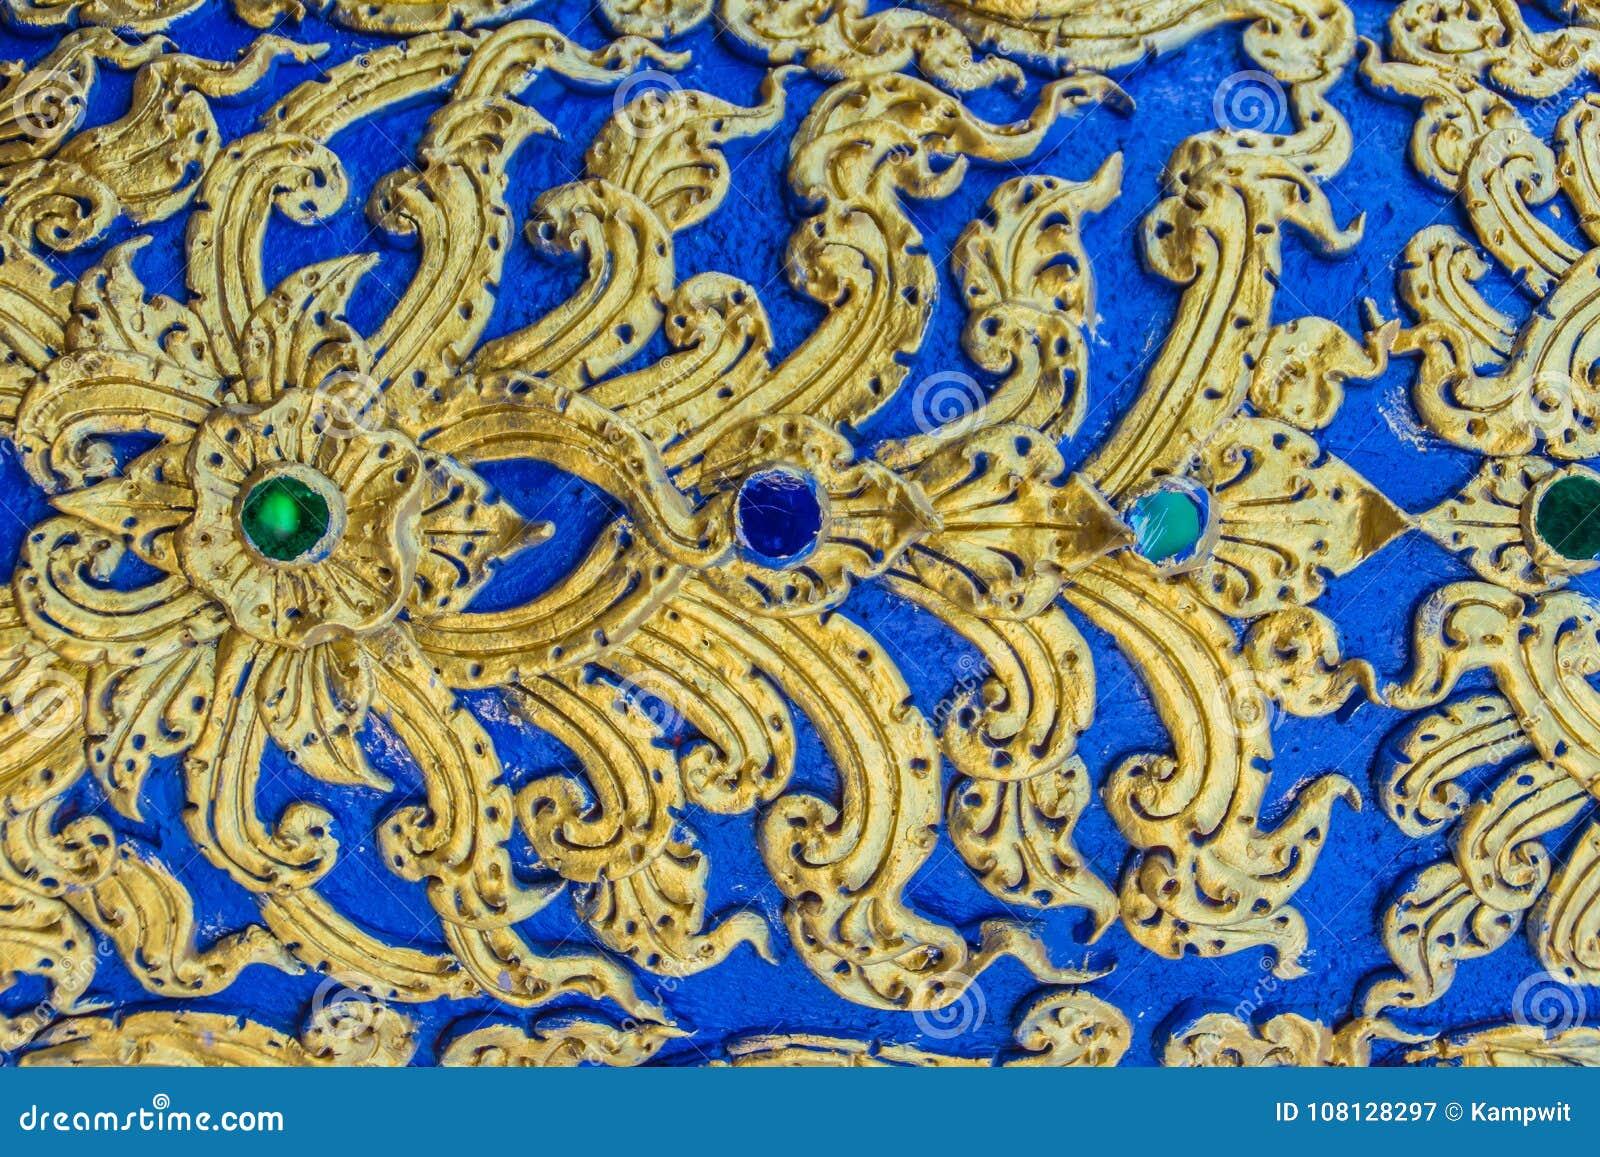 Schöne Wand- Und Deckenmalereien Im Thailändischen Muster Der ...